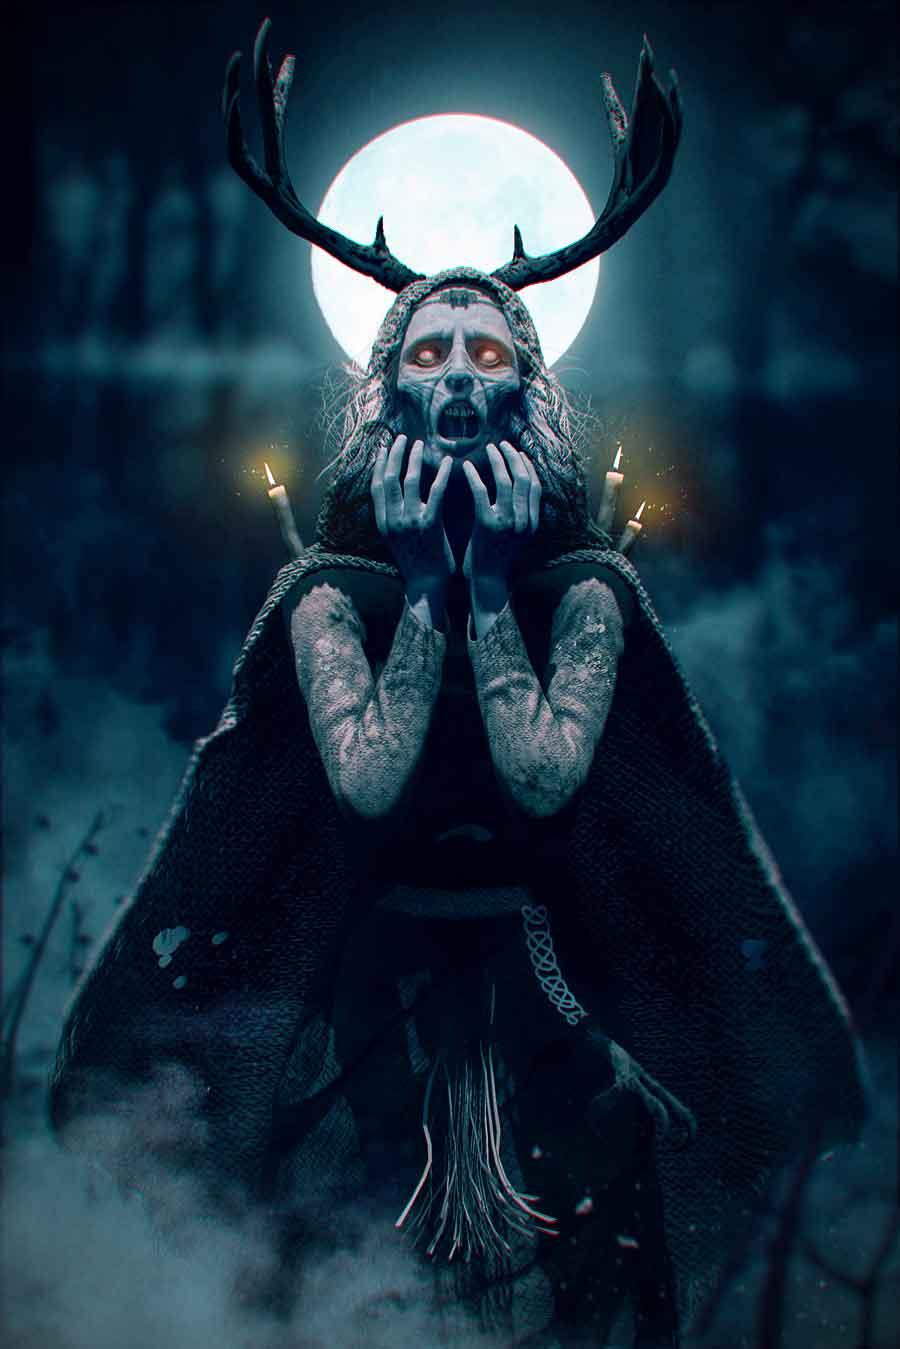 La leyenda irlandesa de la Banshee, el espíritu atormentado